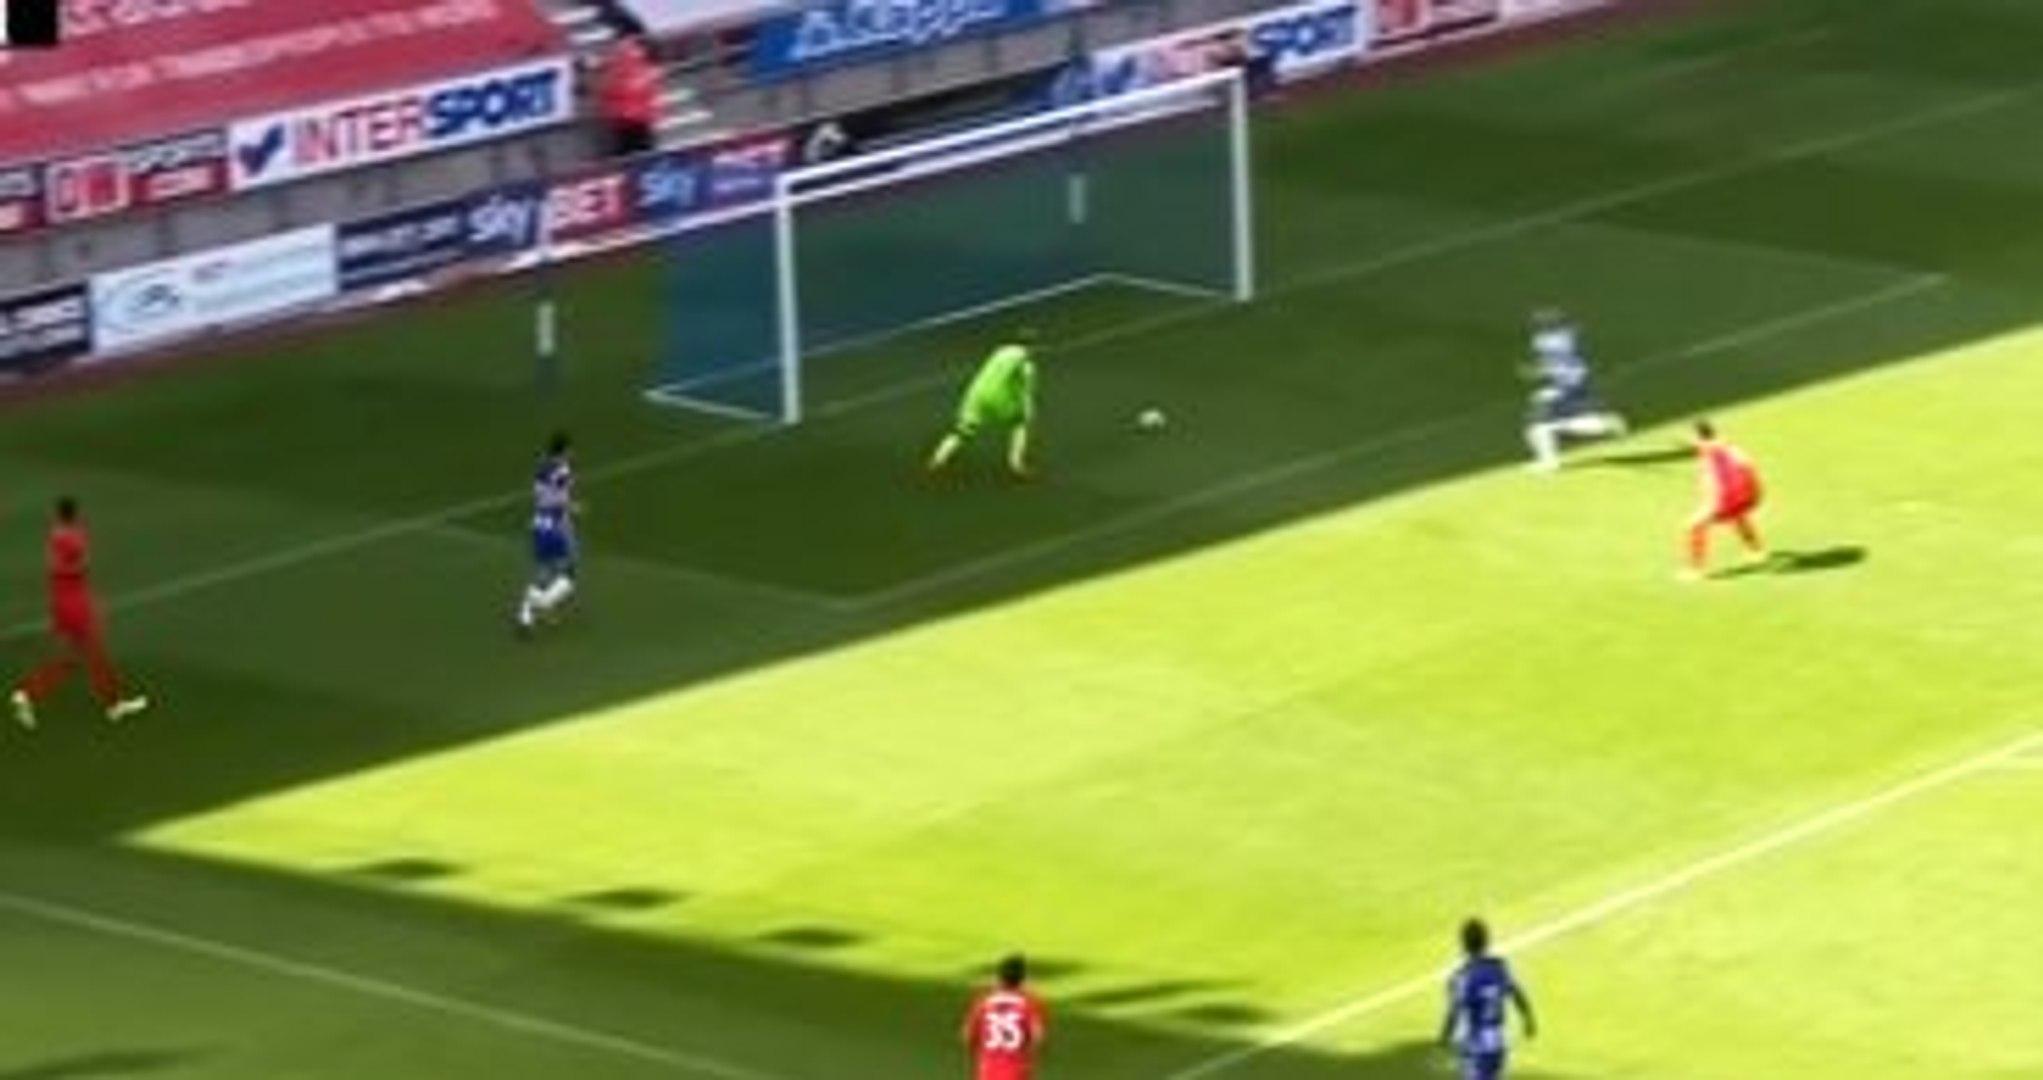 Liverpool'un Yeni Transferi Karius, İlk Maçında Fena Çuvallıyordu